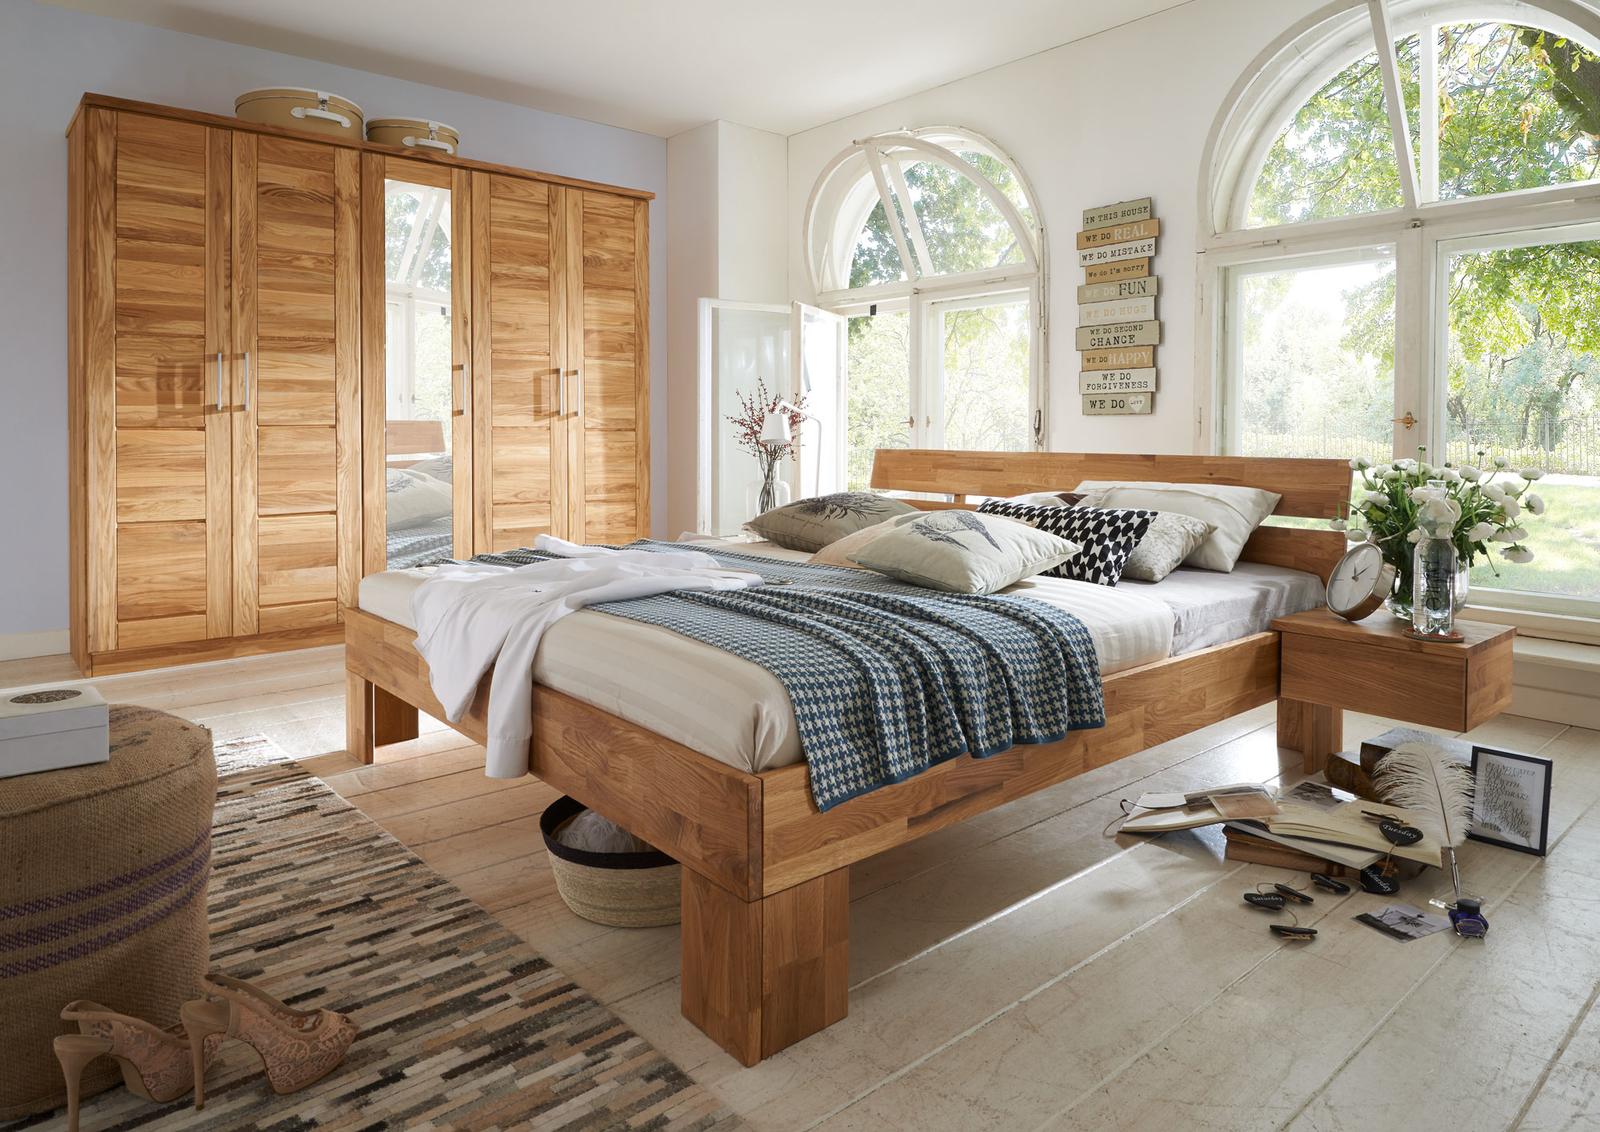 Kleiderschrank Wildeiche Massiv Schlafzimmer NECST